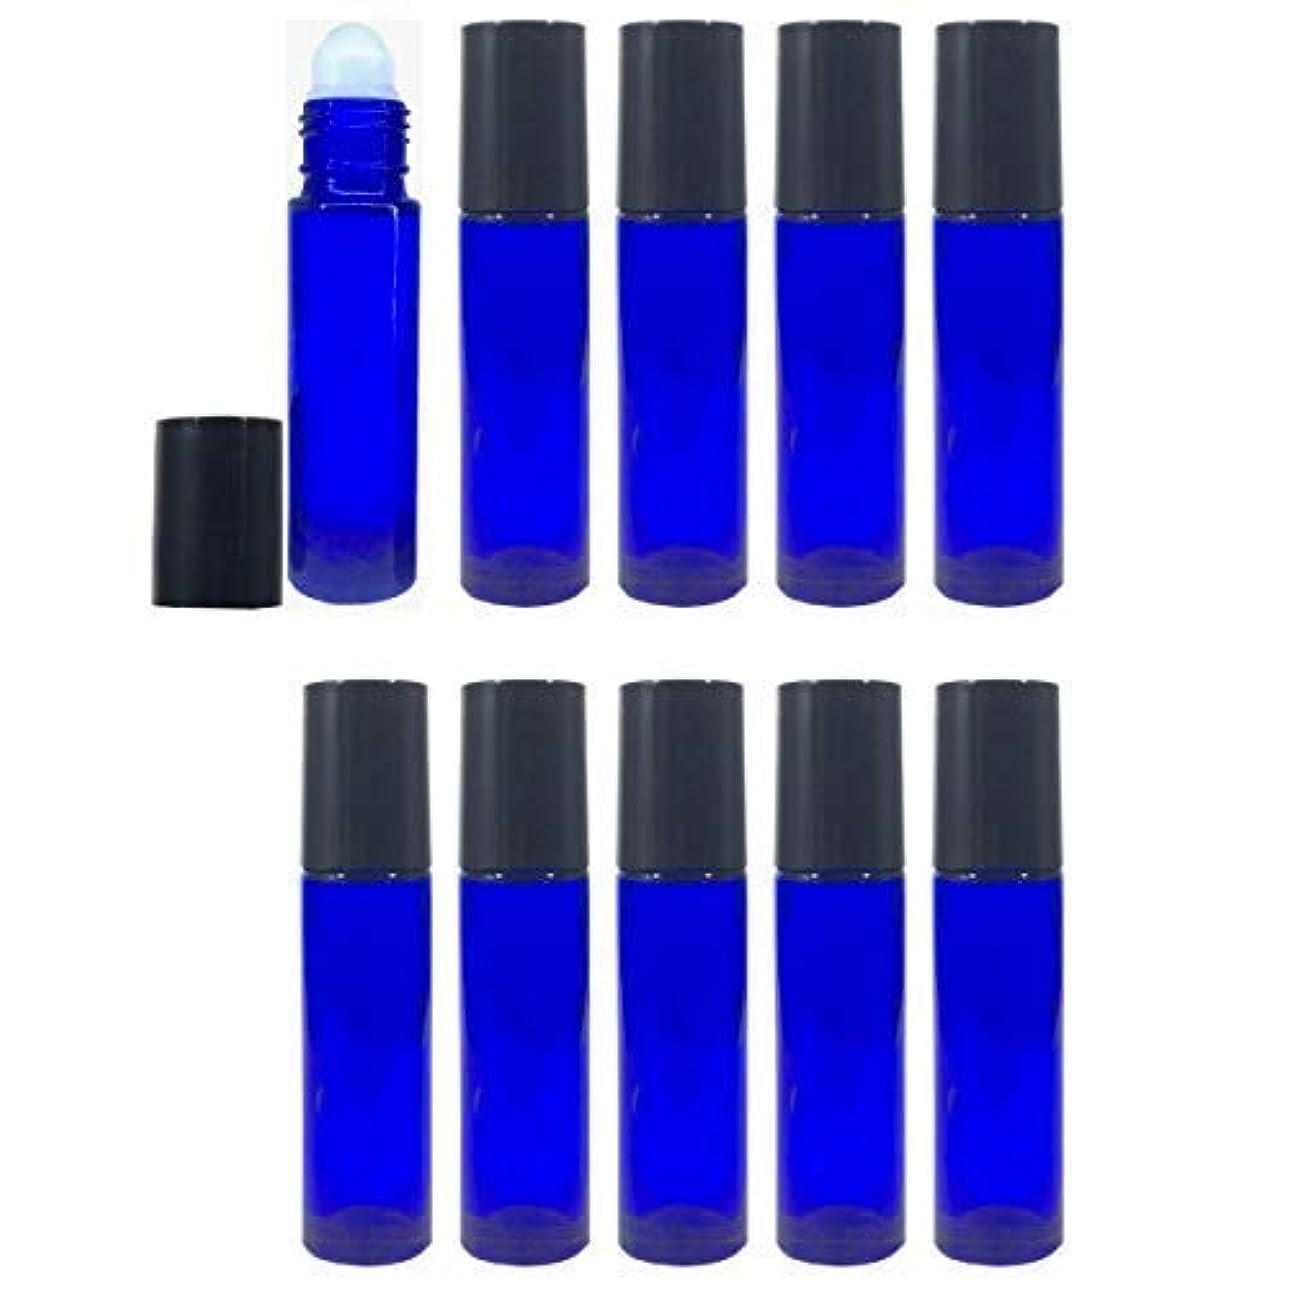 甘やかすファイル頭蓋骨ロールオンボトル 10ml 10本セット アロマオイル 遮光瓶 ガラスロールタイプ 手作り香水 (ブルー/10ml?10本)